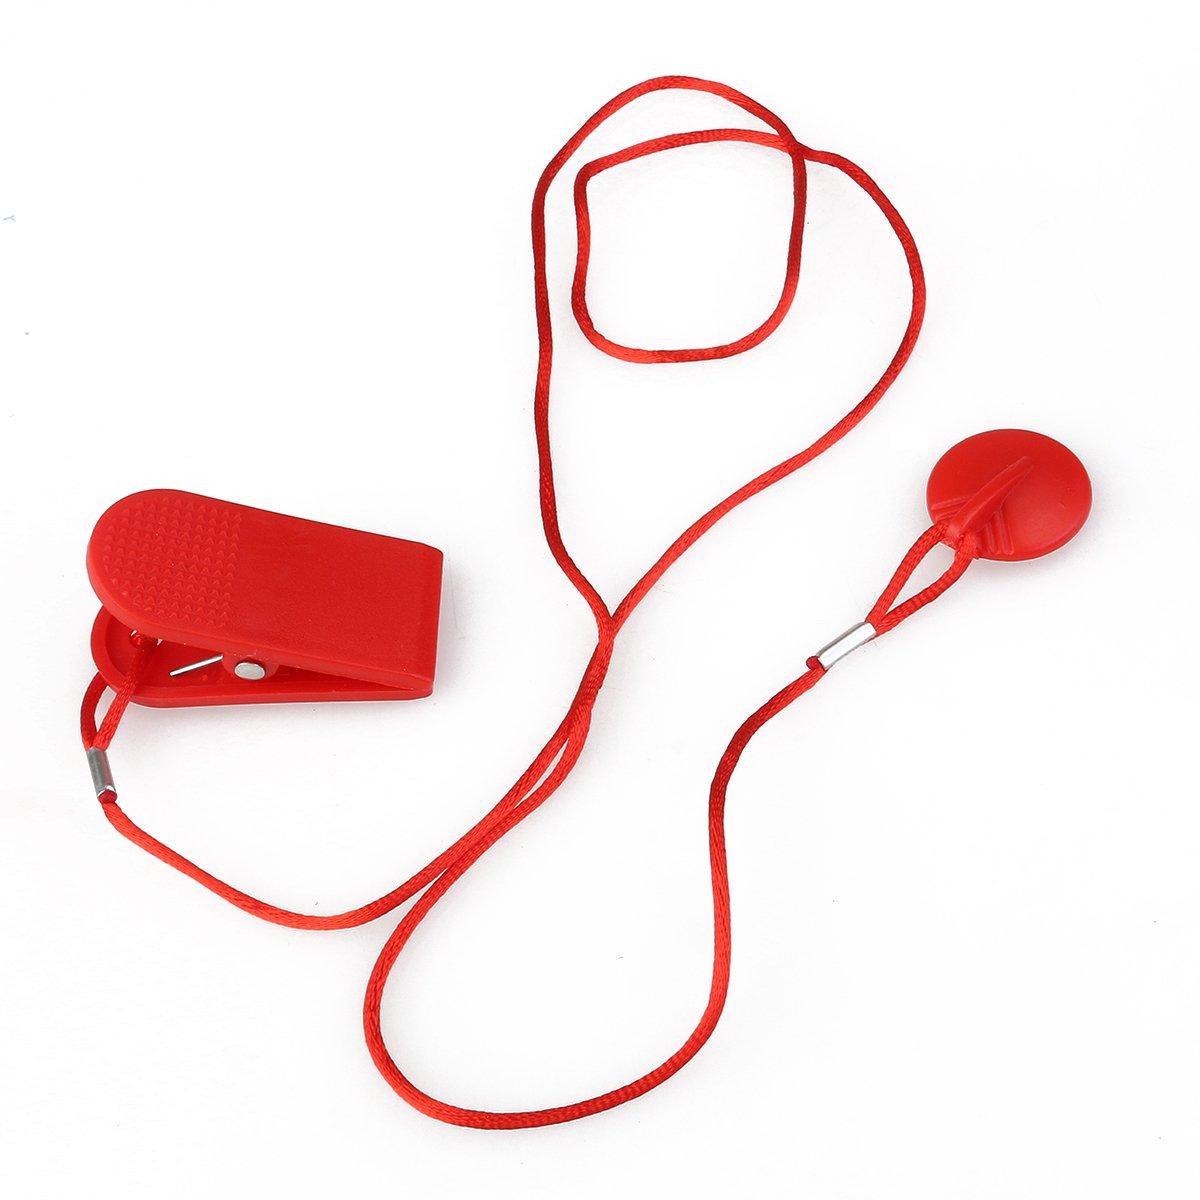 winomo magnétique Course Laufen Machine Clé de sécurité de rechange Interrupteur de sécurité–2,3cm de diamètre (Rouge)